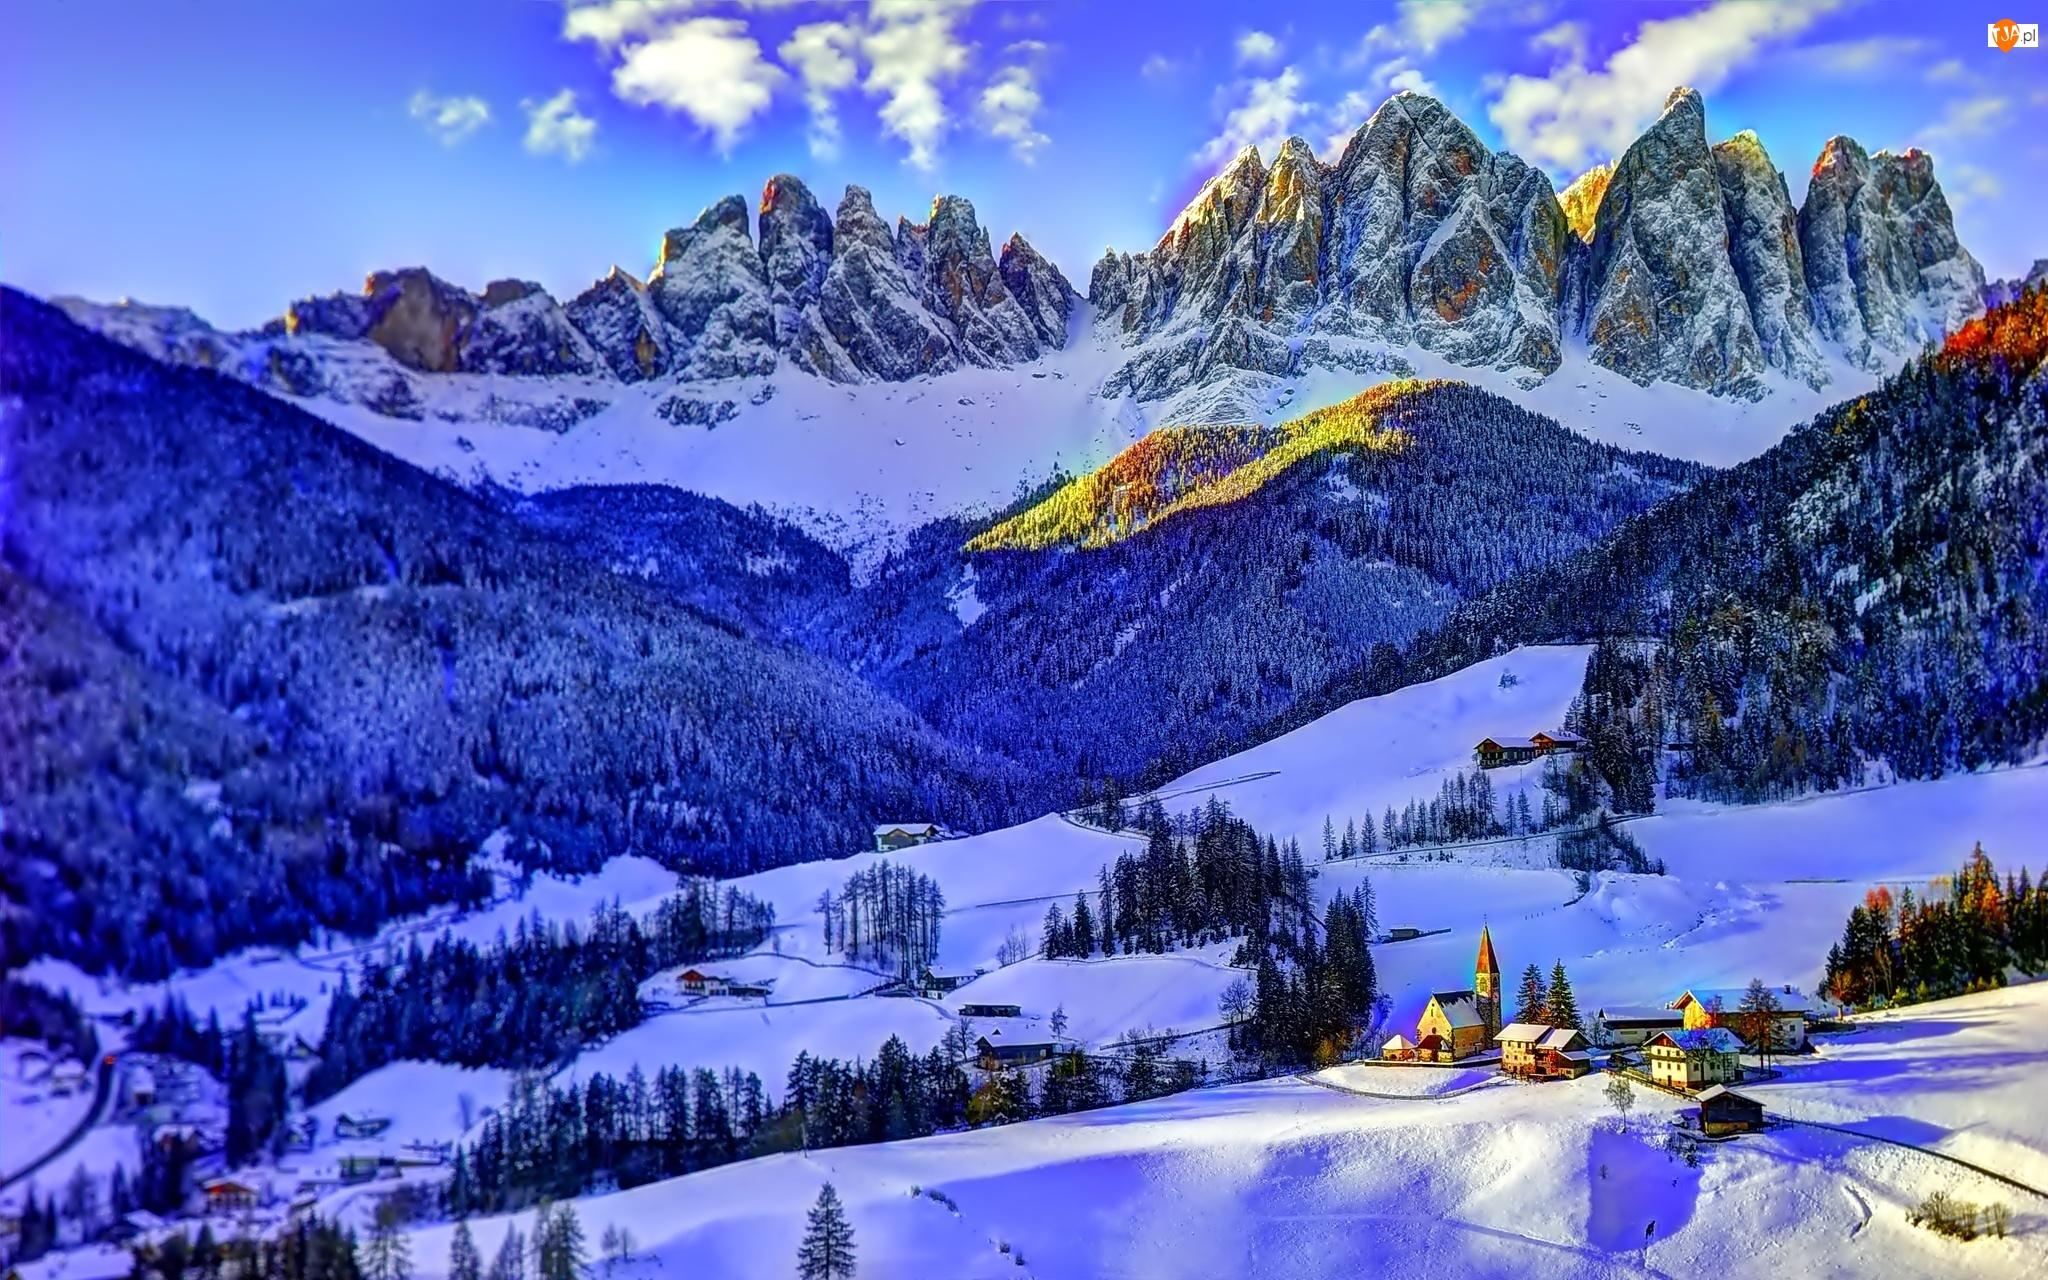 Wioska, Lasy, Zima, Góry